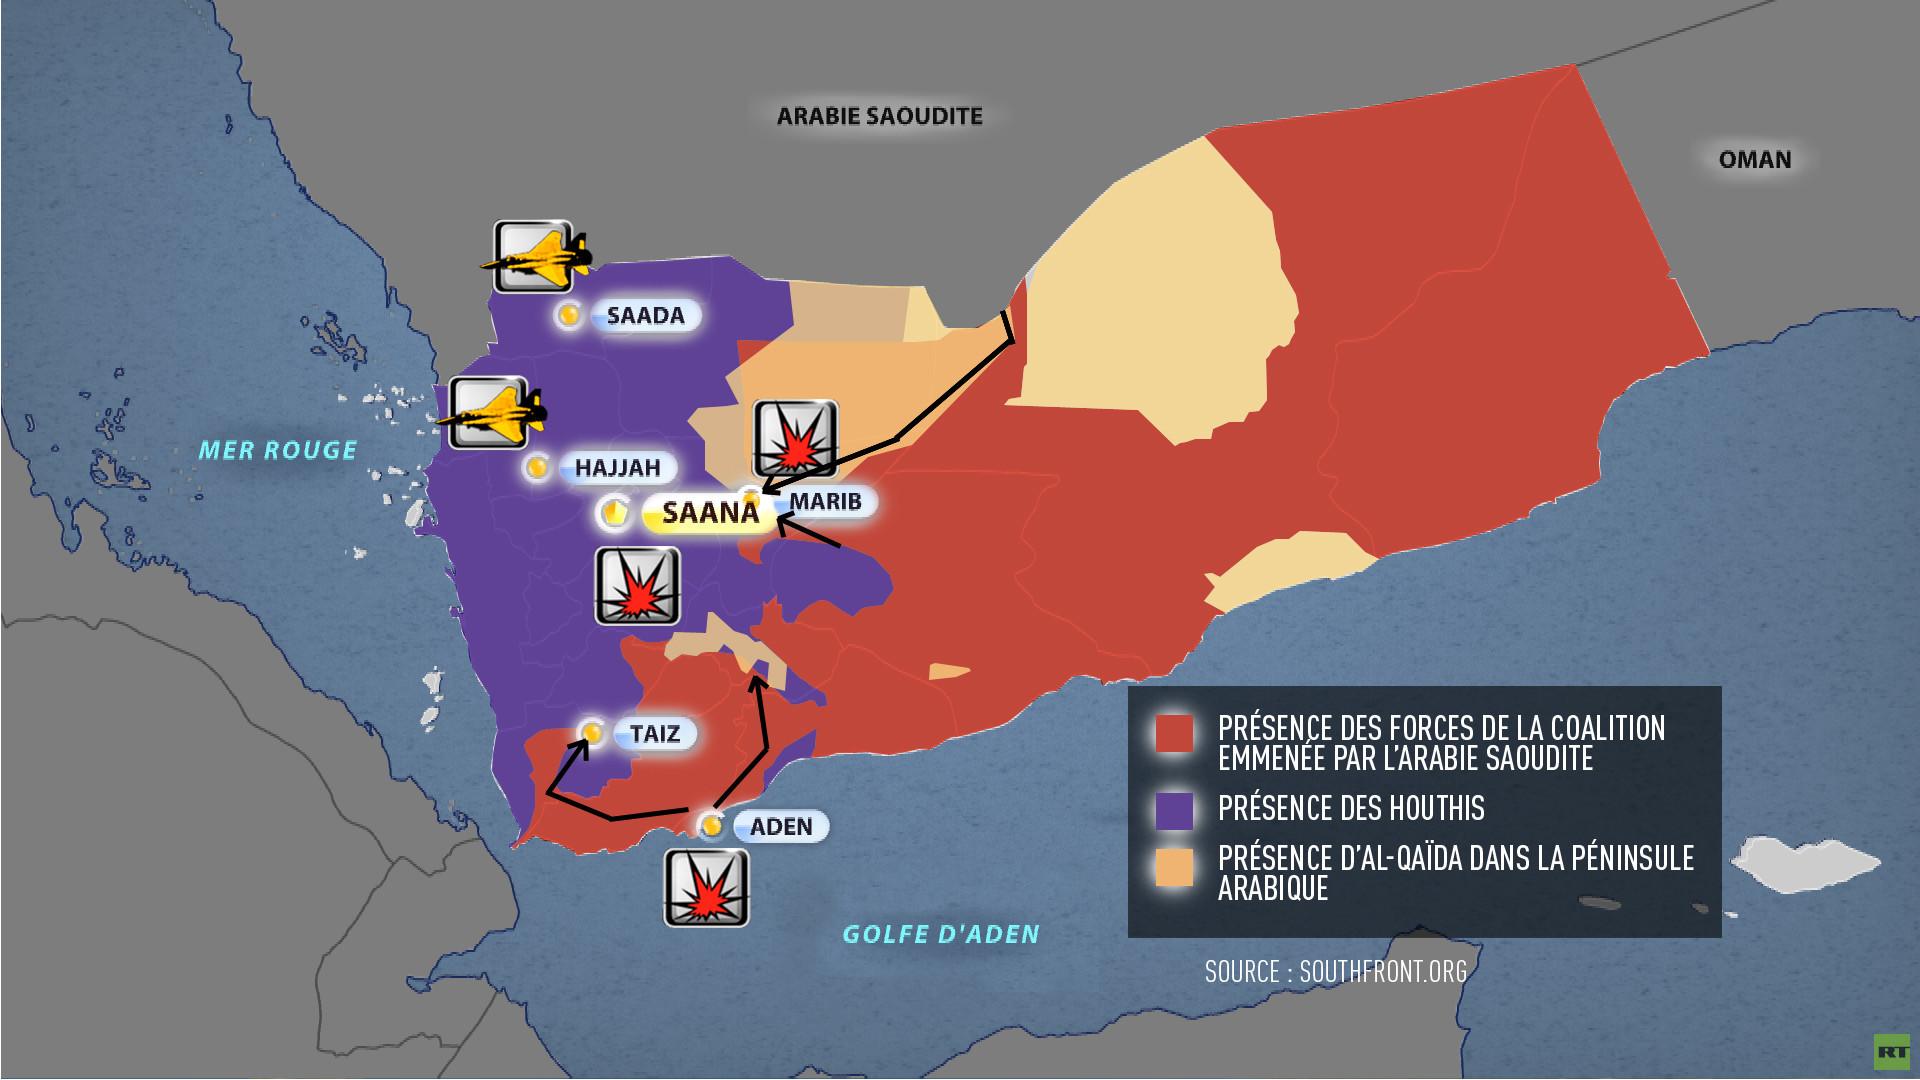 Le Yémen confirme le lancement d'une opération terrestre menée par l'Arabie saoudite